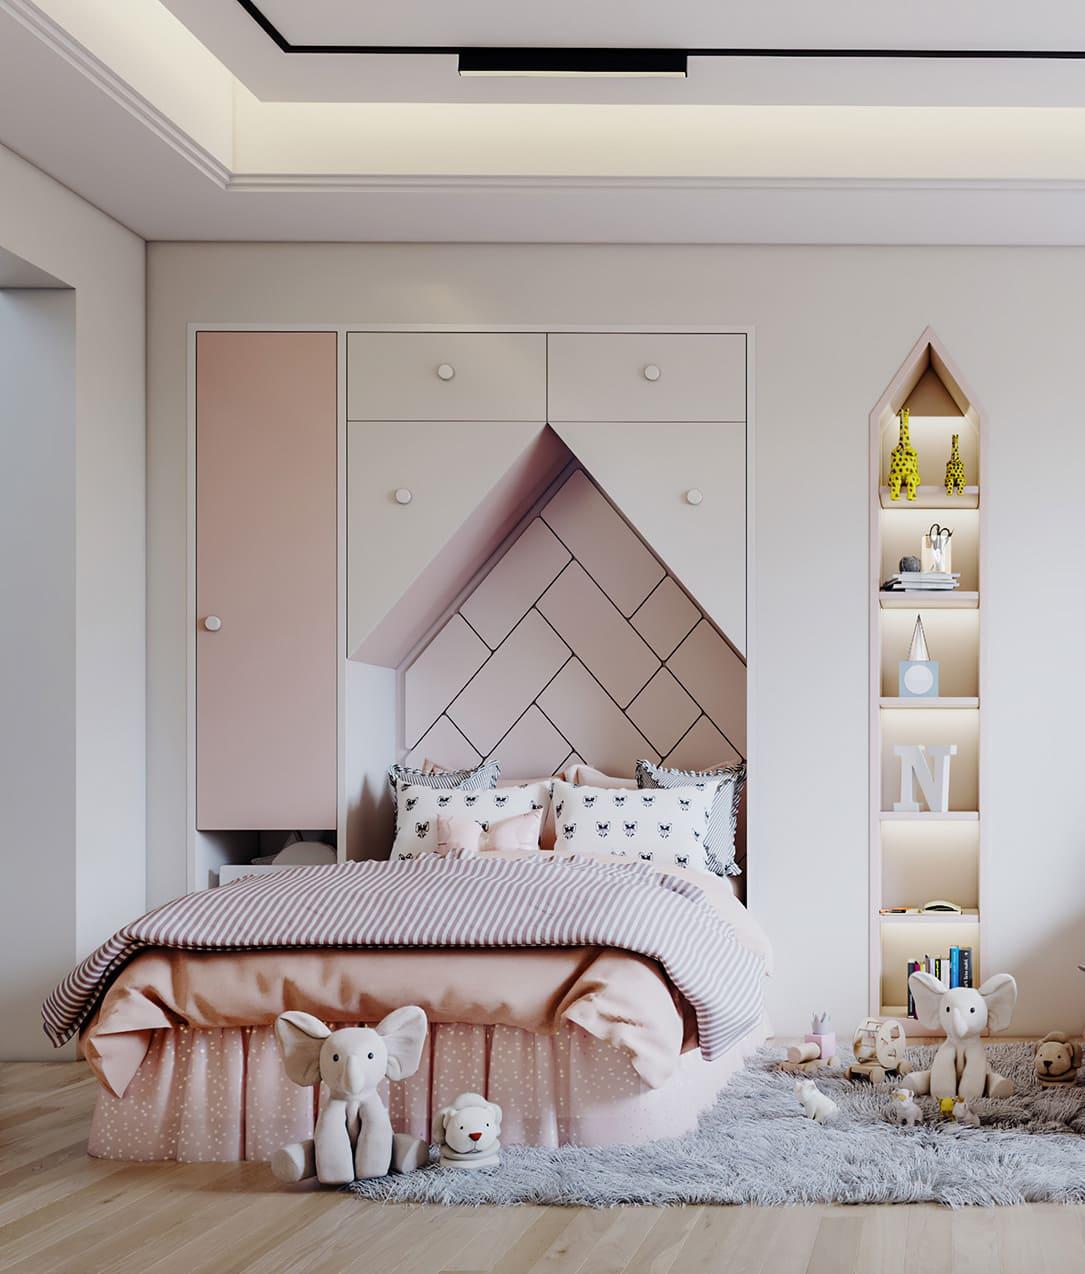 Aménagement d'une chambre d'enfant photo 4